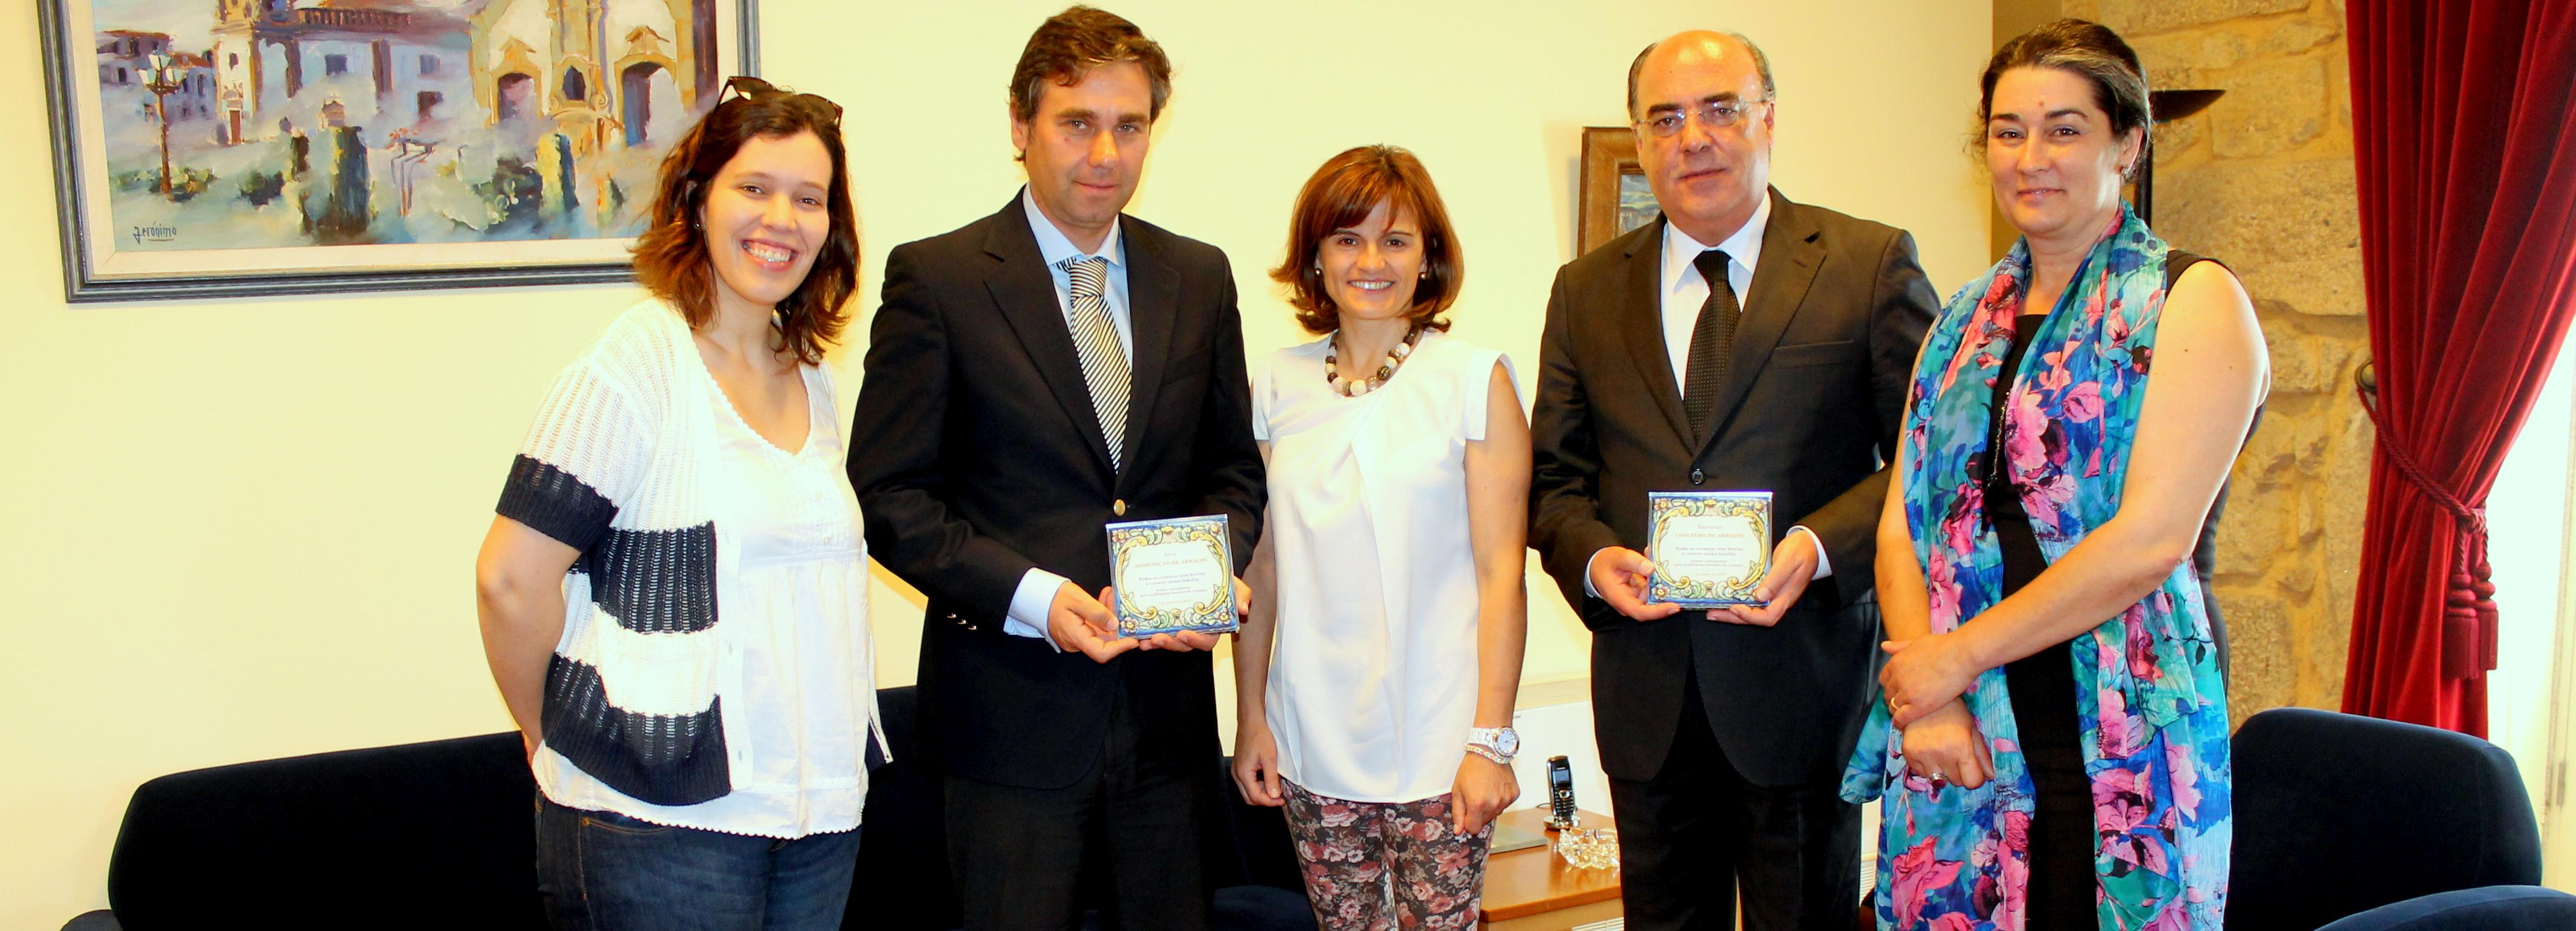 Associação Mundos de Vida agradece apoio do Município de Barcelos